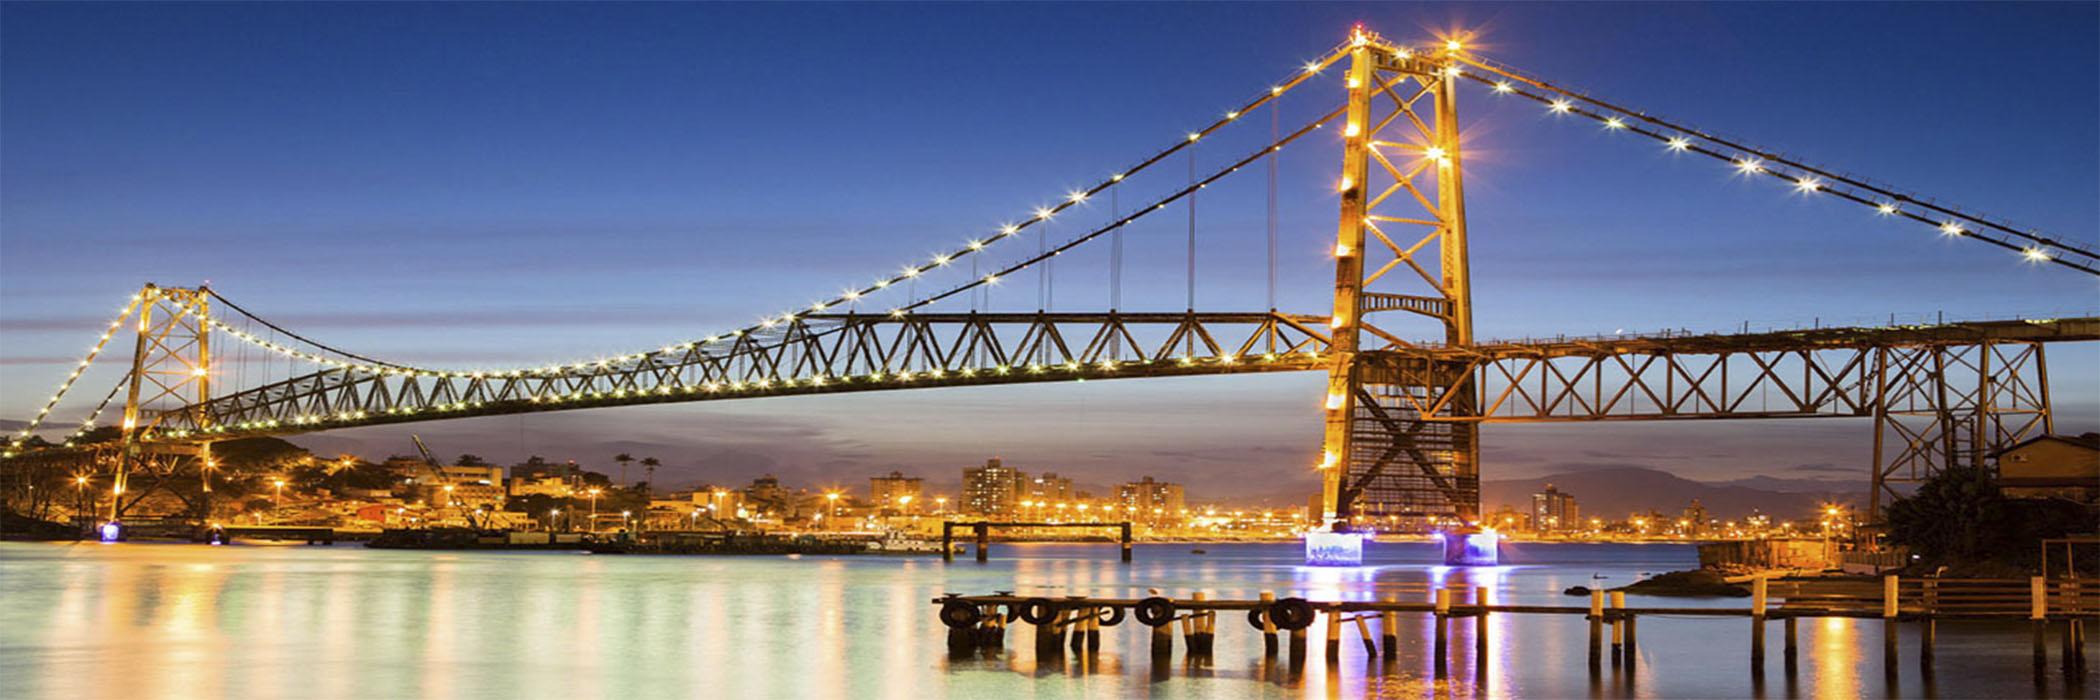 FLORIANÓPOLIS-SC LITORAL SUL Florianópolis é um dos destinos turísticos mais badalado e a Ilha da Magia no sul do país